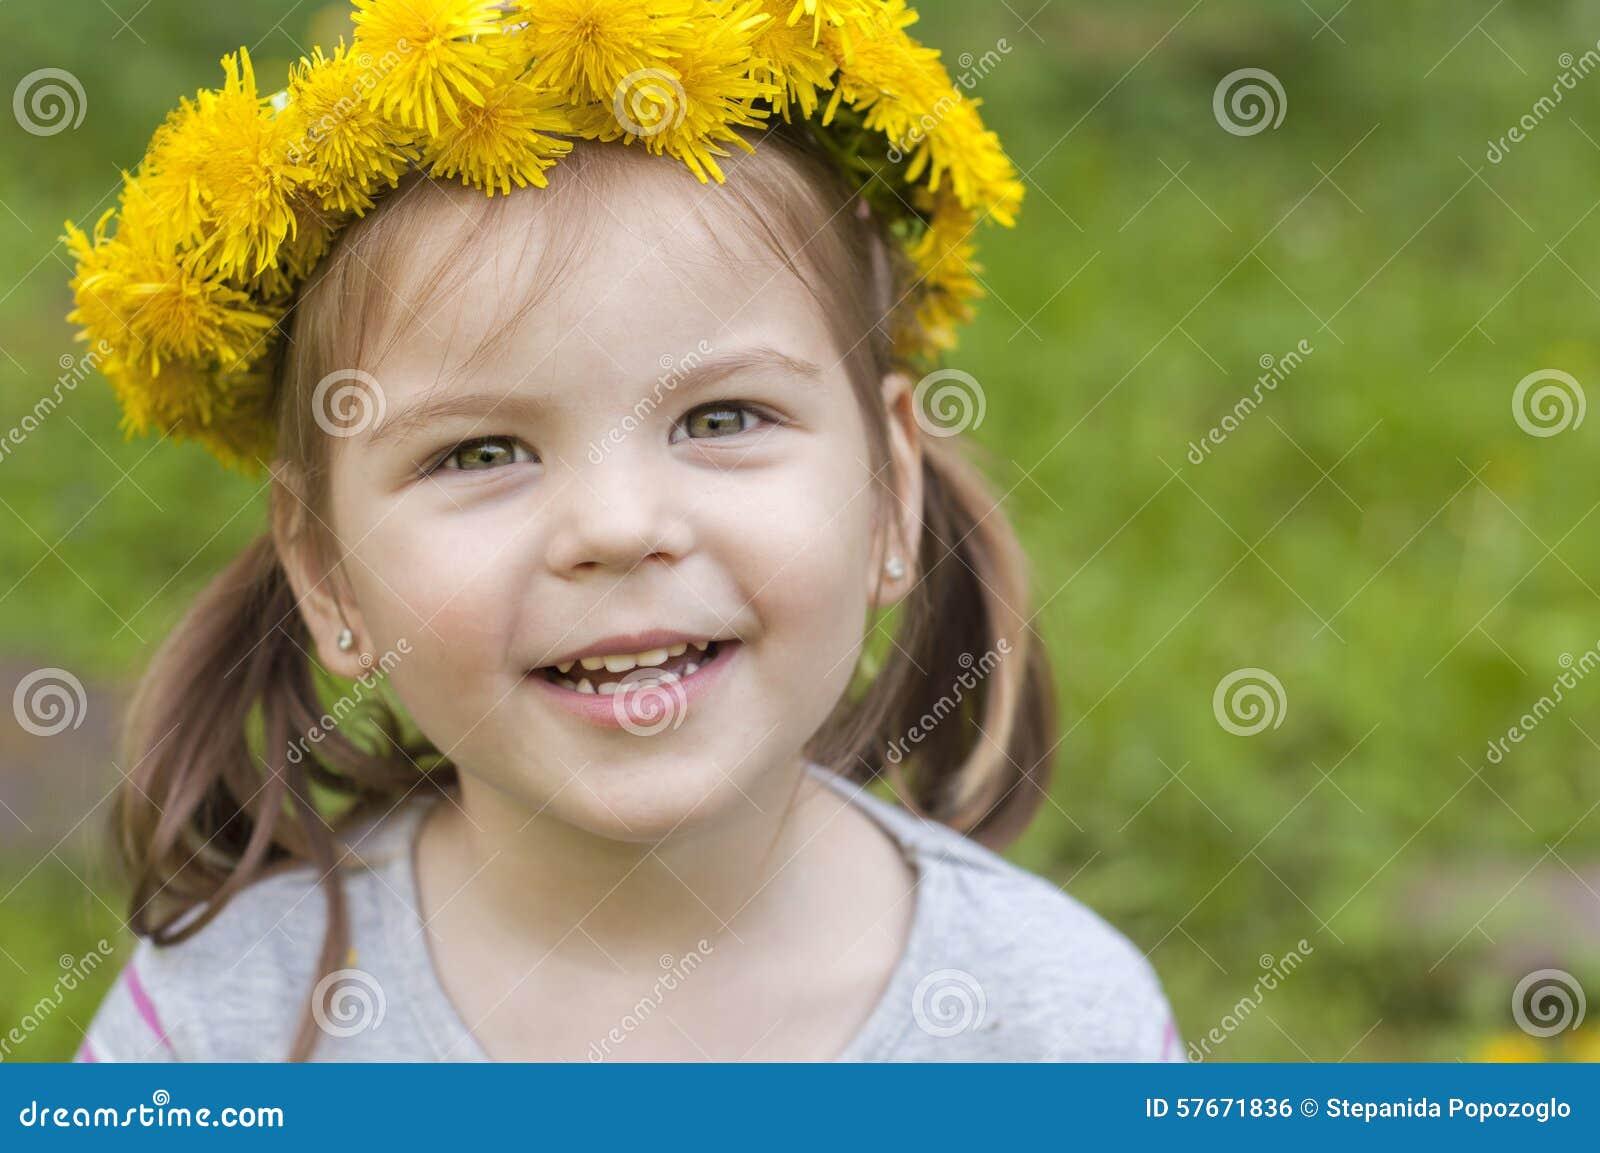 Lycklig flicka med gula blommor